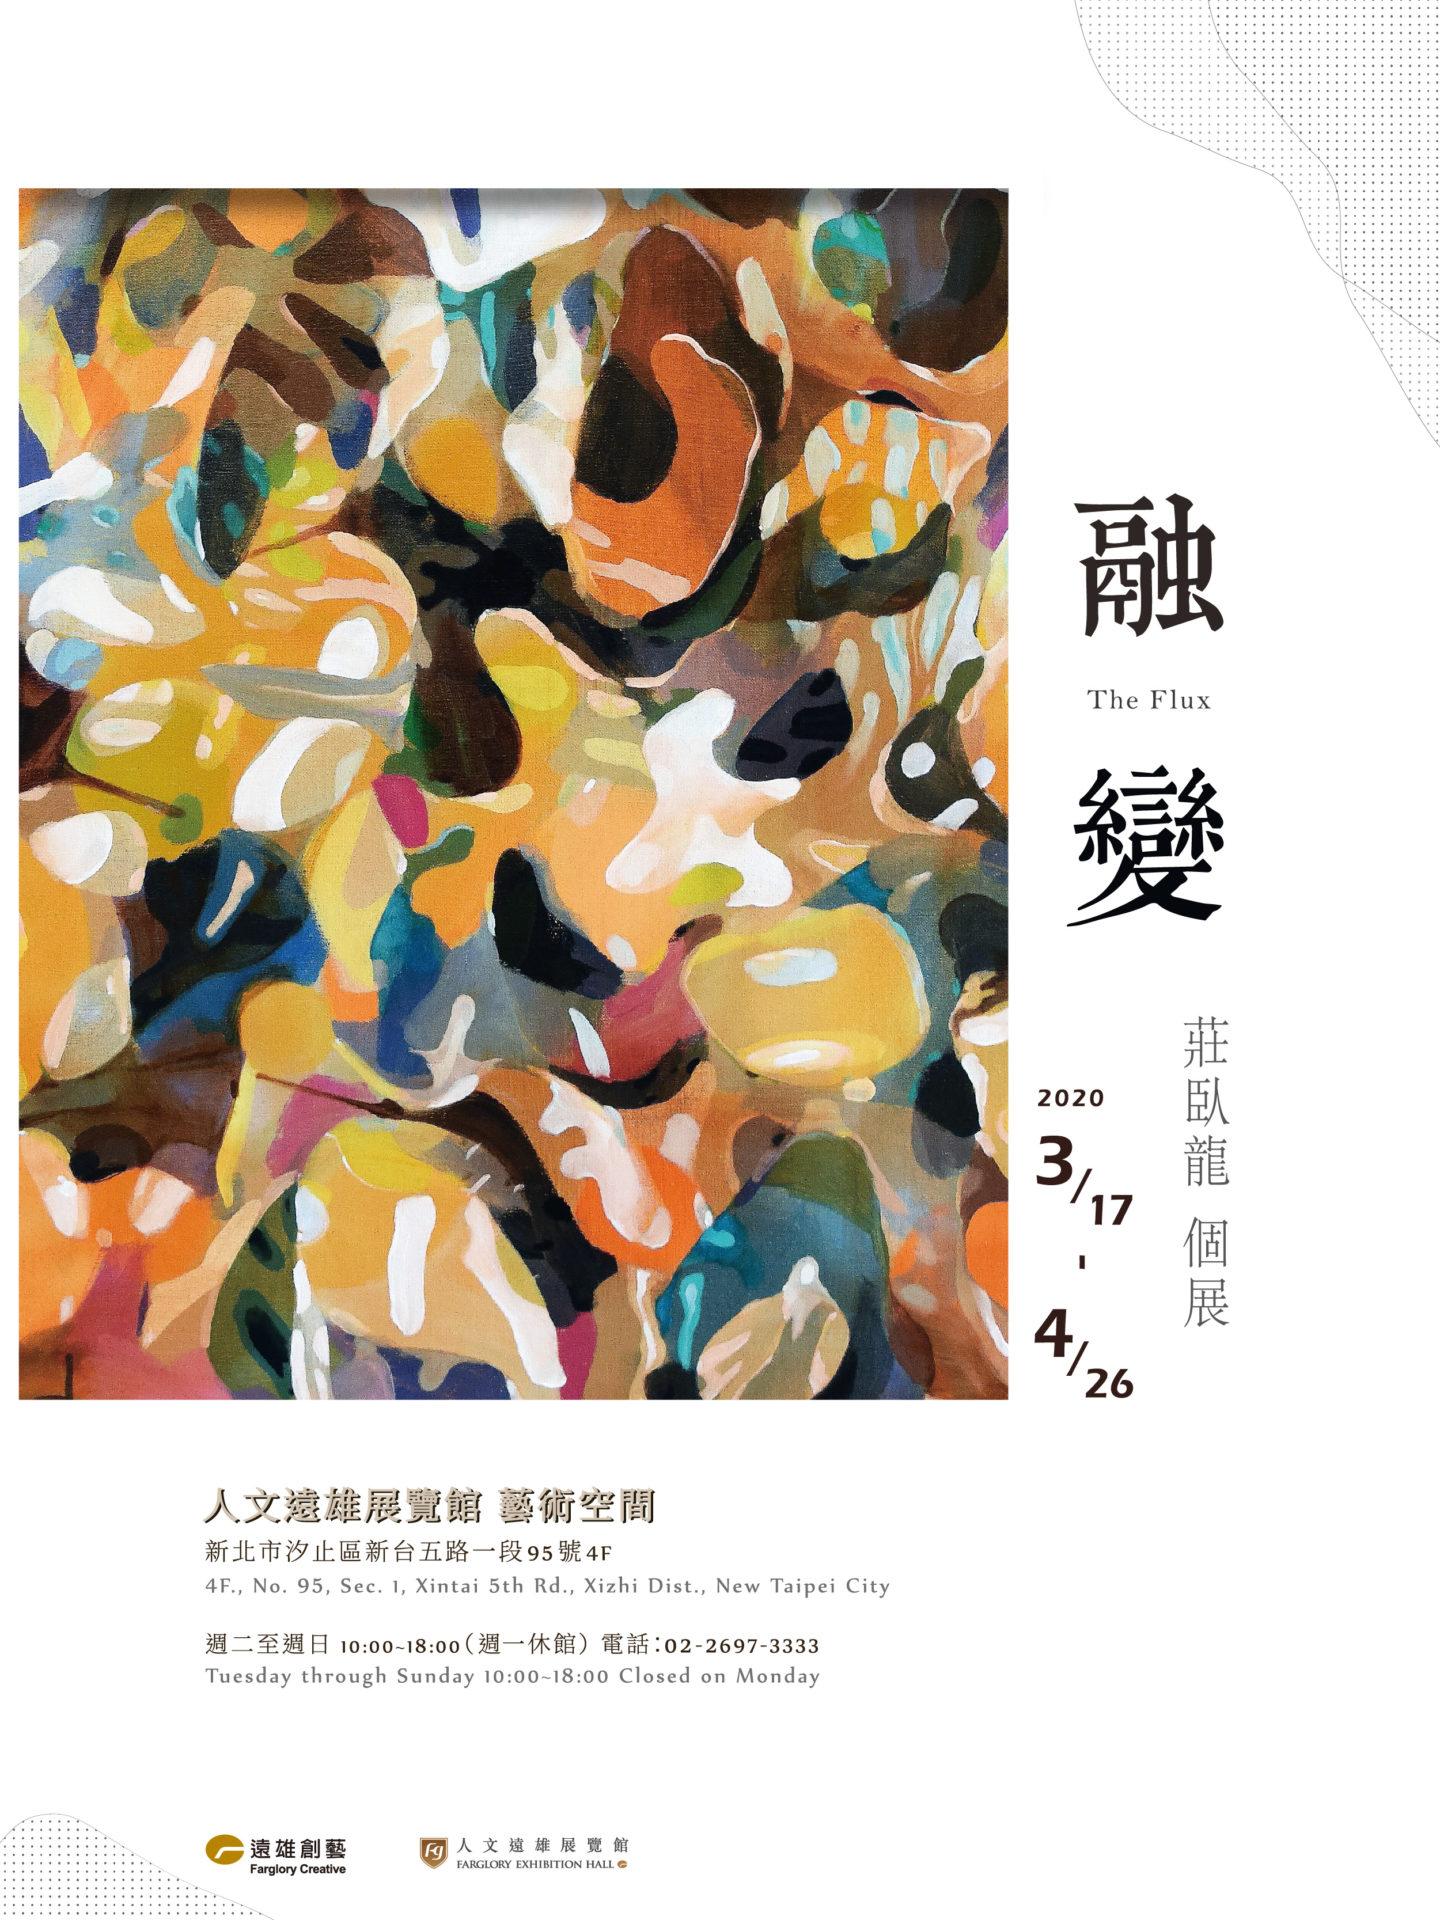 人文遠雄展覽館:2020/03/17-2020/04/26【《融變》莊臥龍個展  】